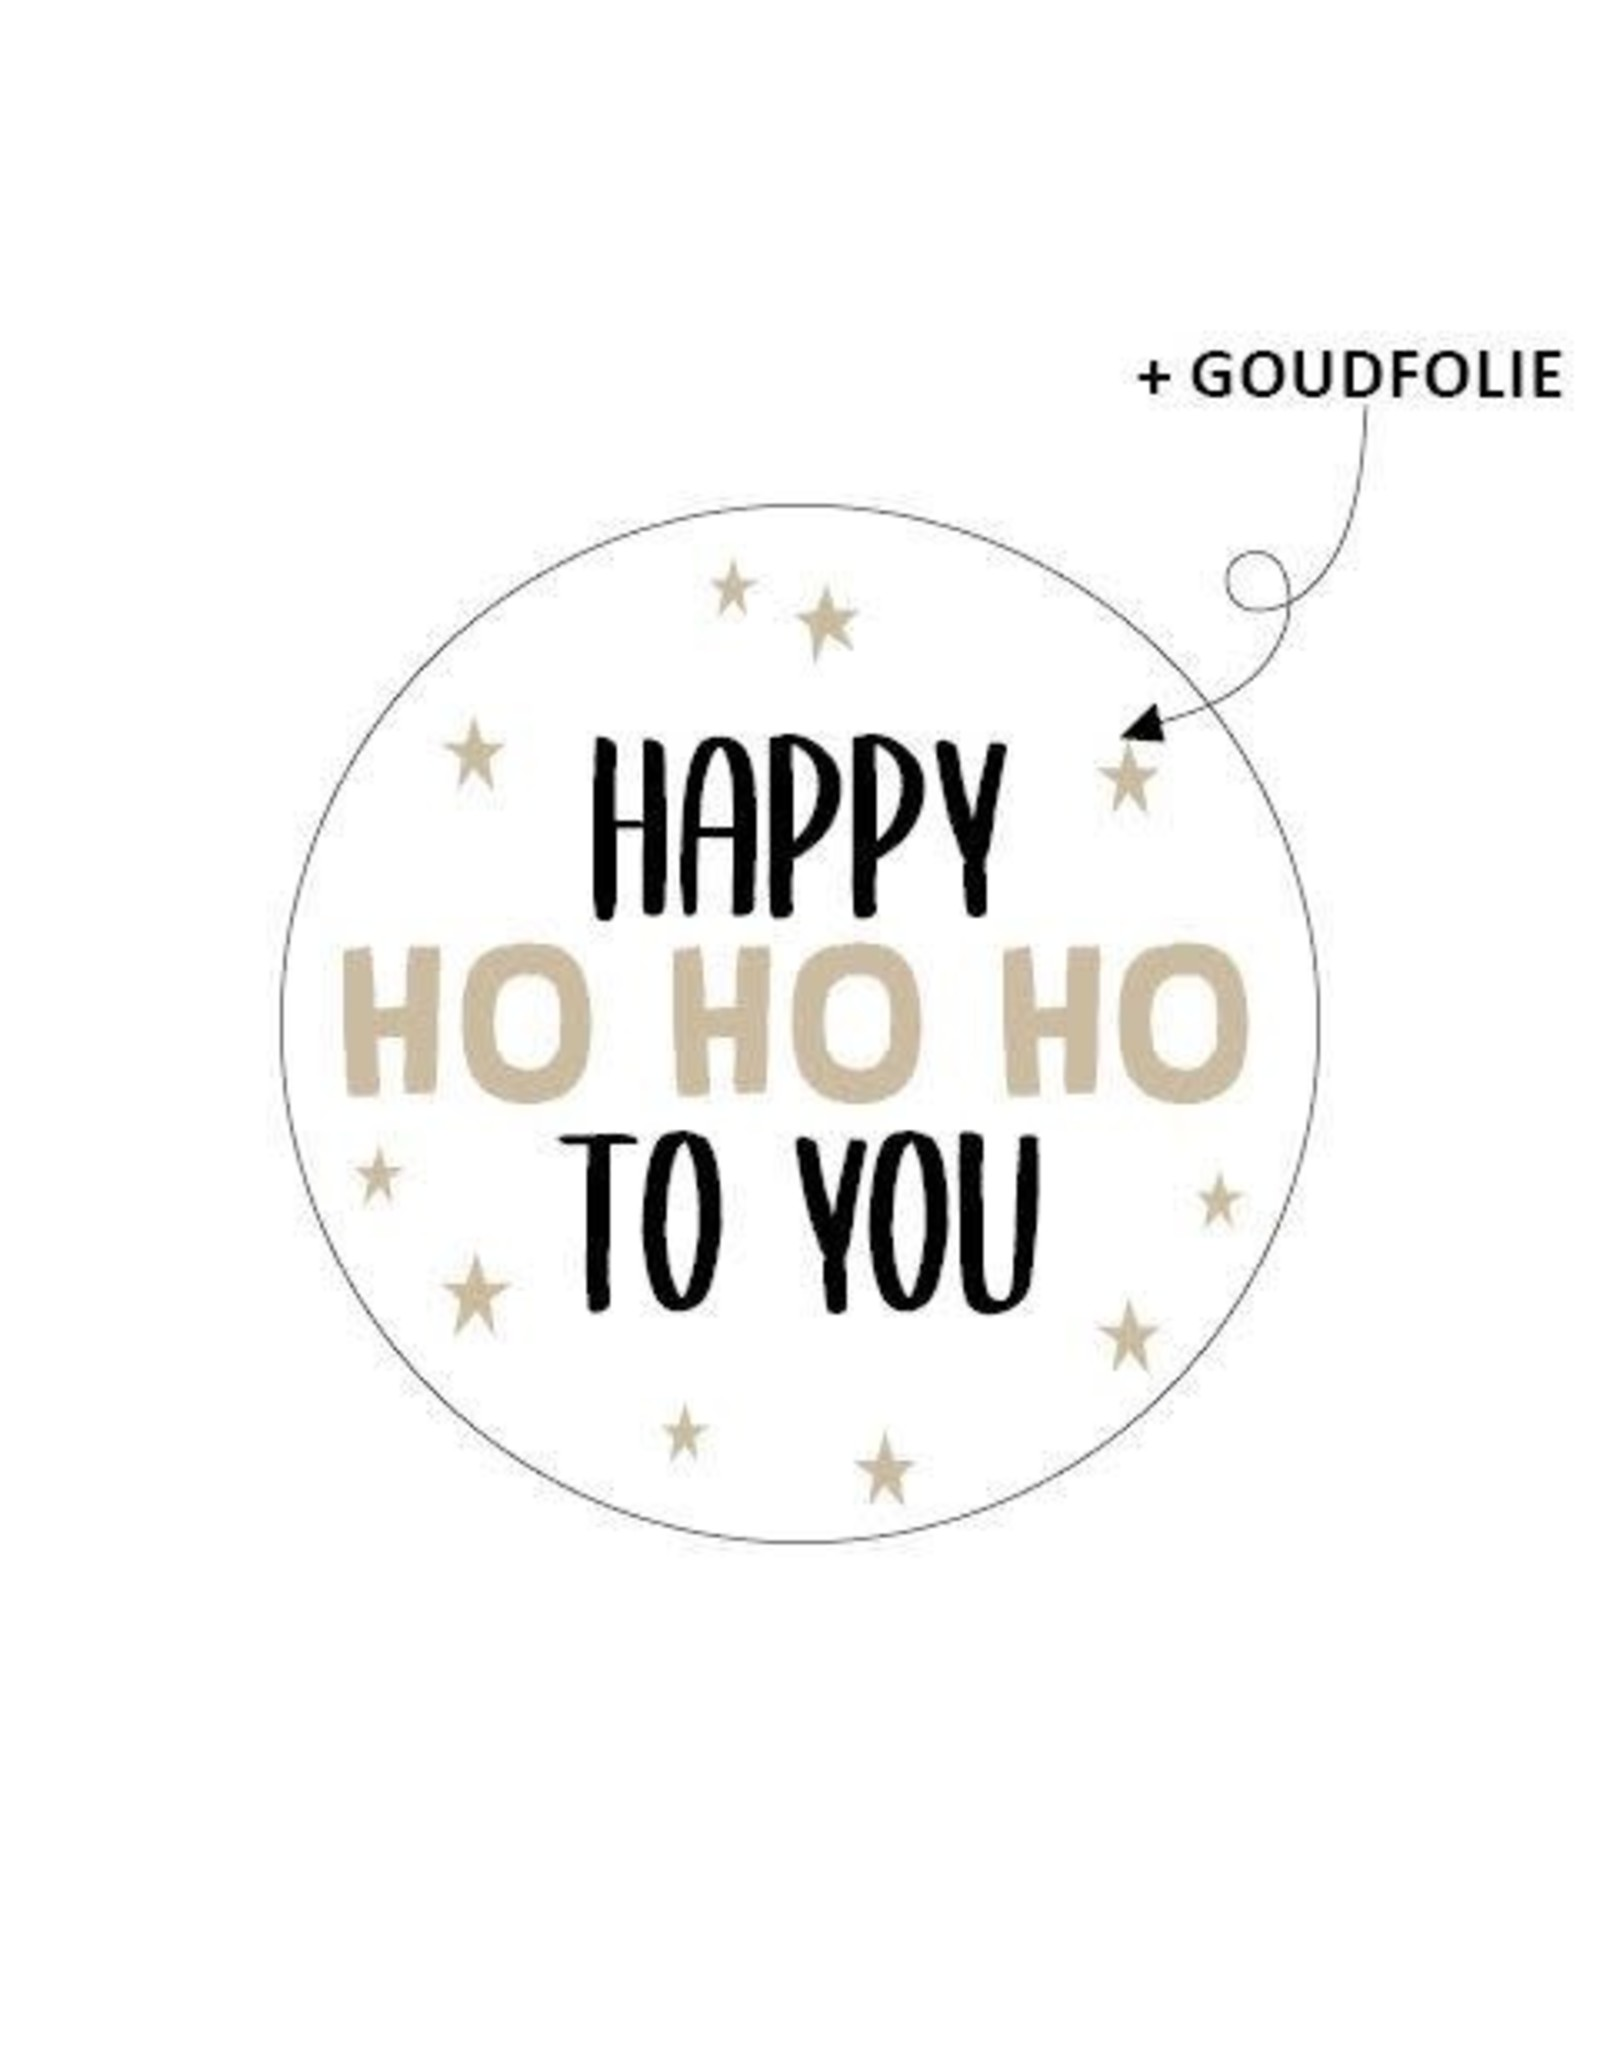 Stickers 5st. Happy Ho Ho Ho to you